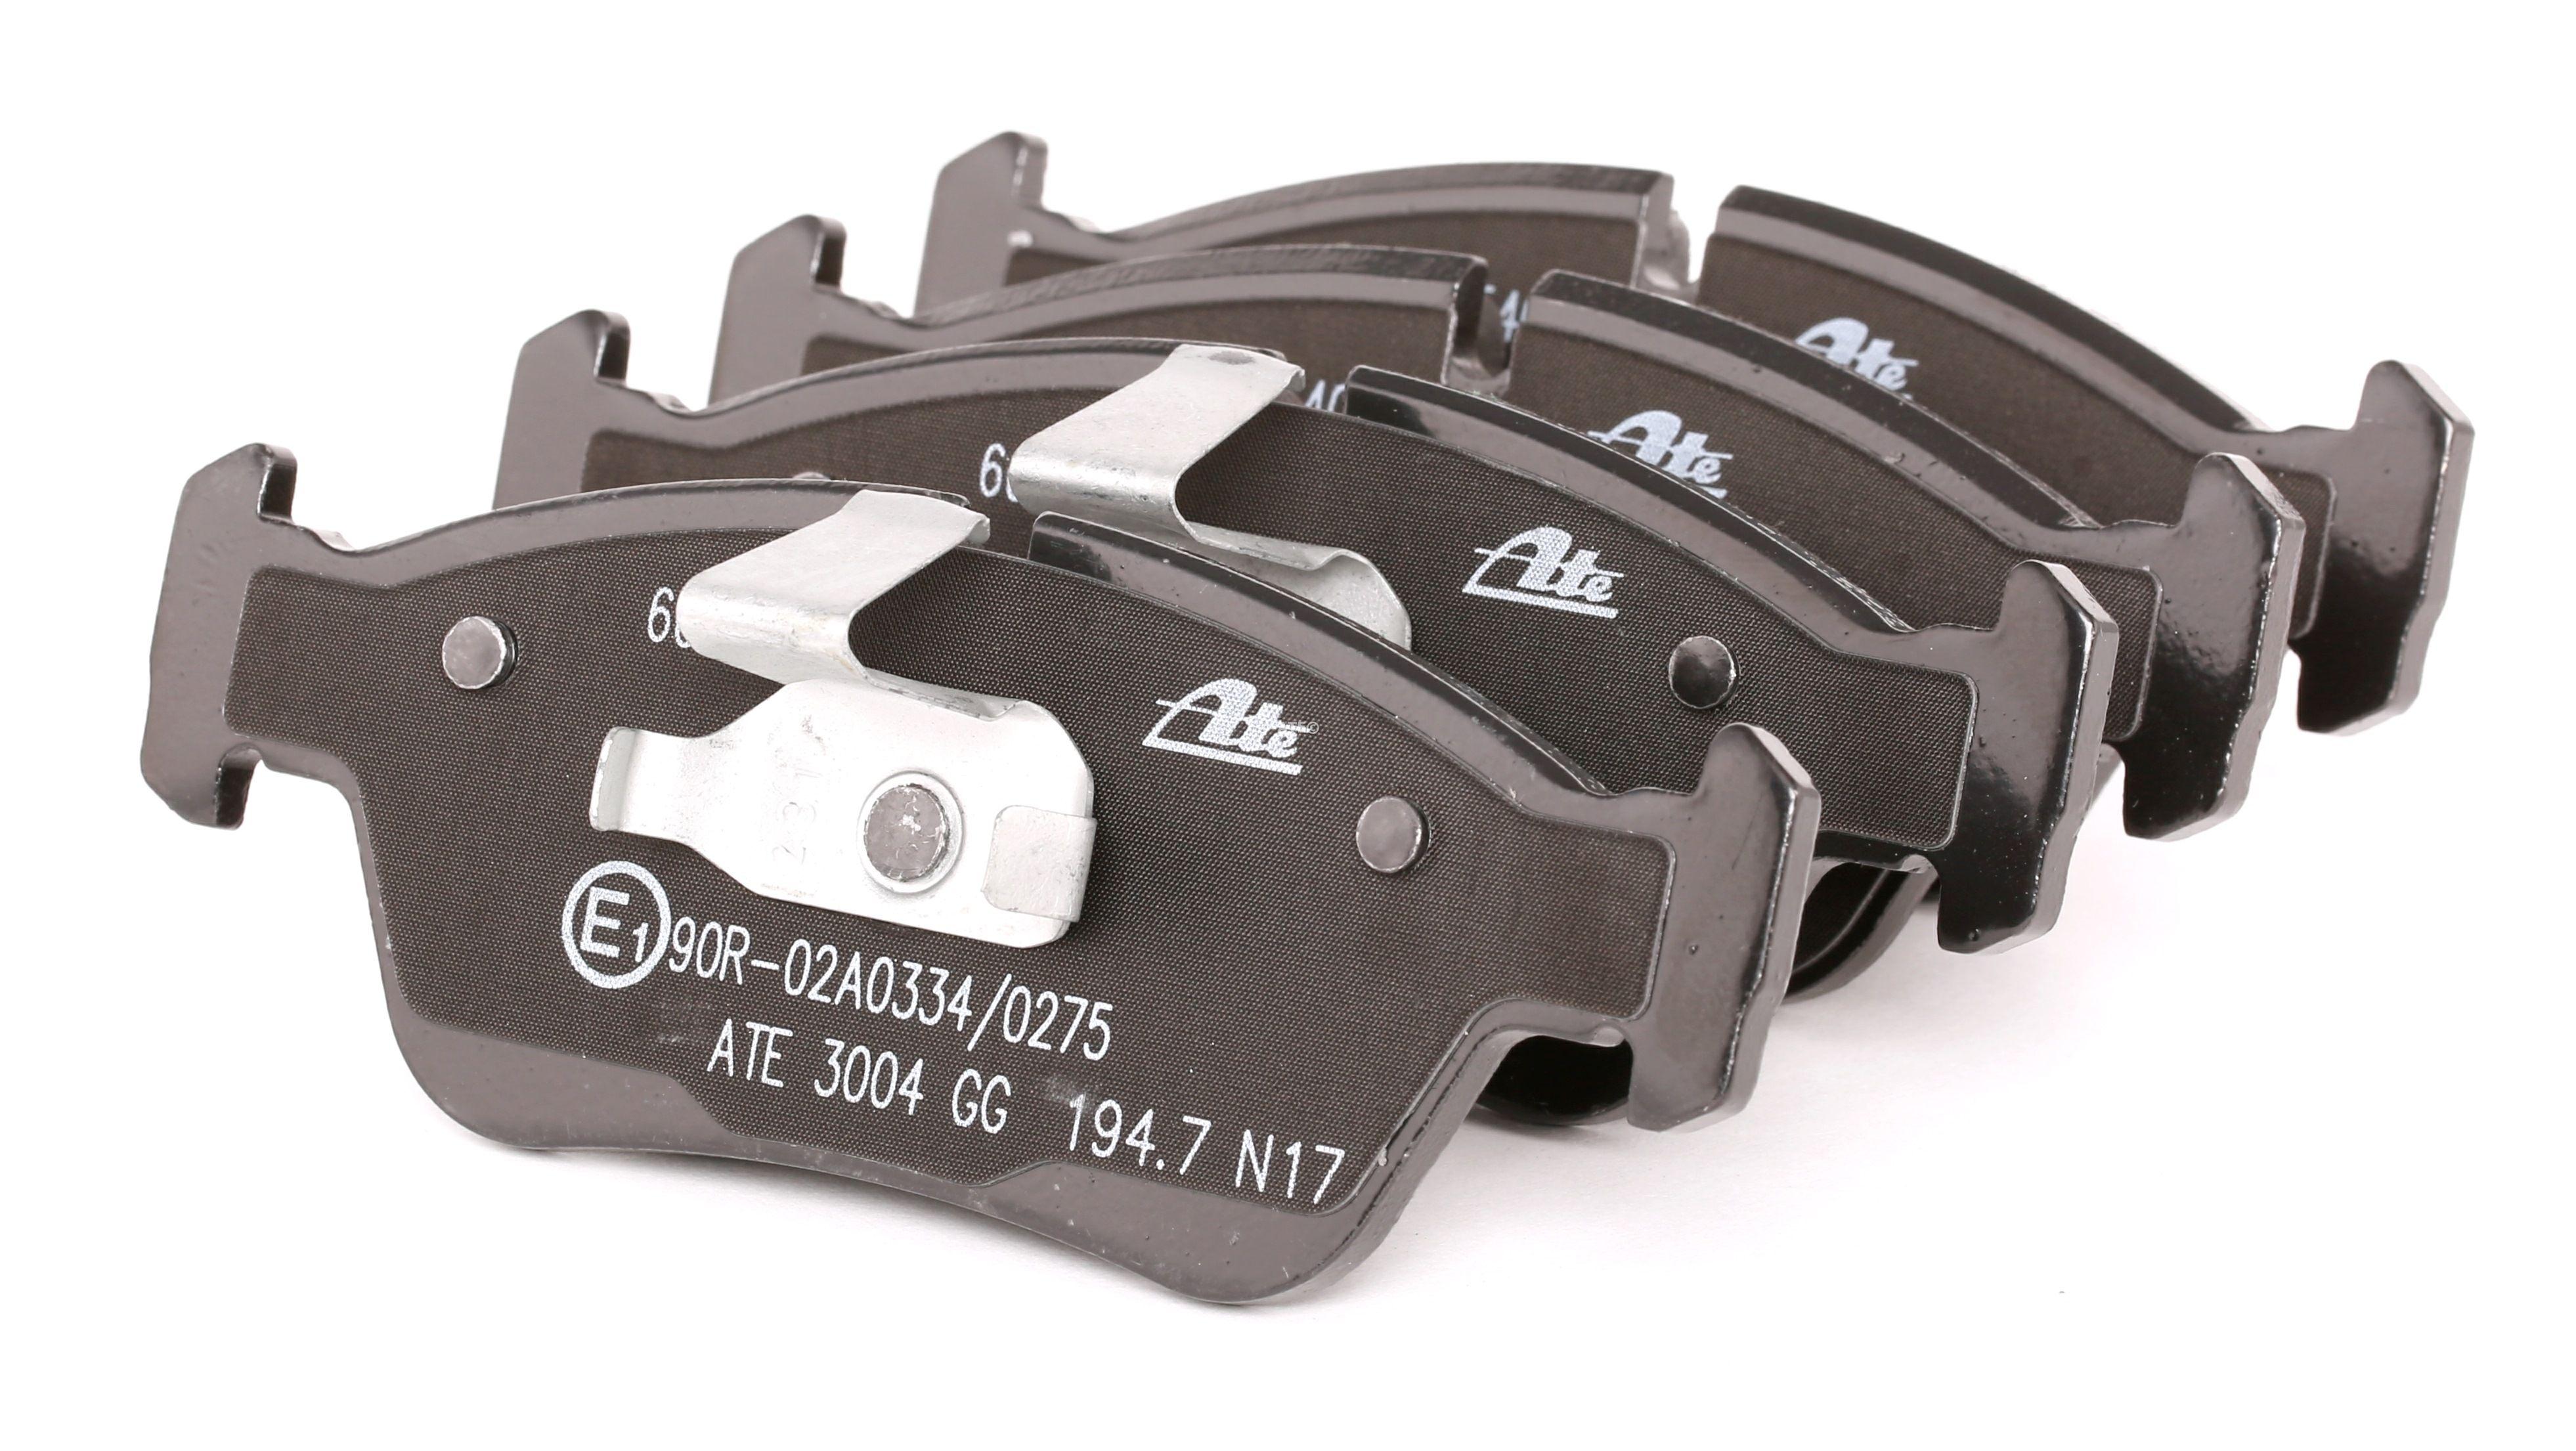 Bremsbelagsatz BMW E36 Compact hinten + vorne 1999 - ATE 13.0460-5405.2 (Höhe: 57,3mm, Breite 1: 150,1mm, Breite 2: 151,3mm, Dicke/Stärke: 17,8mm)